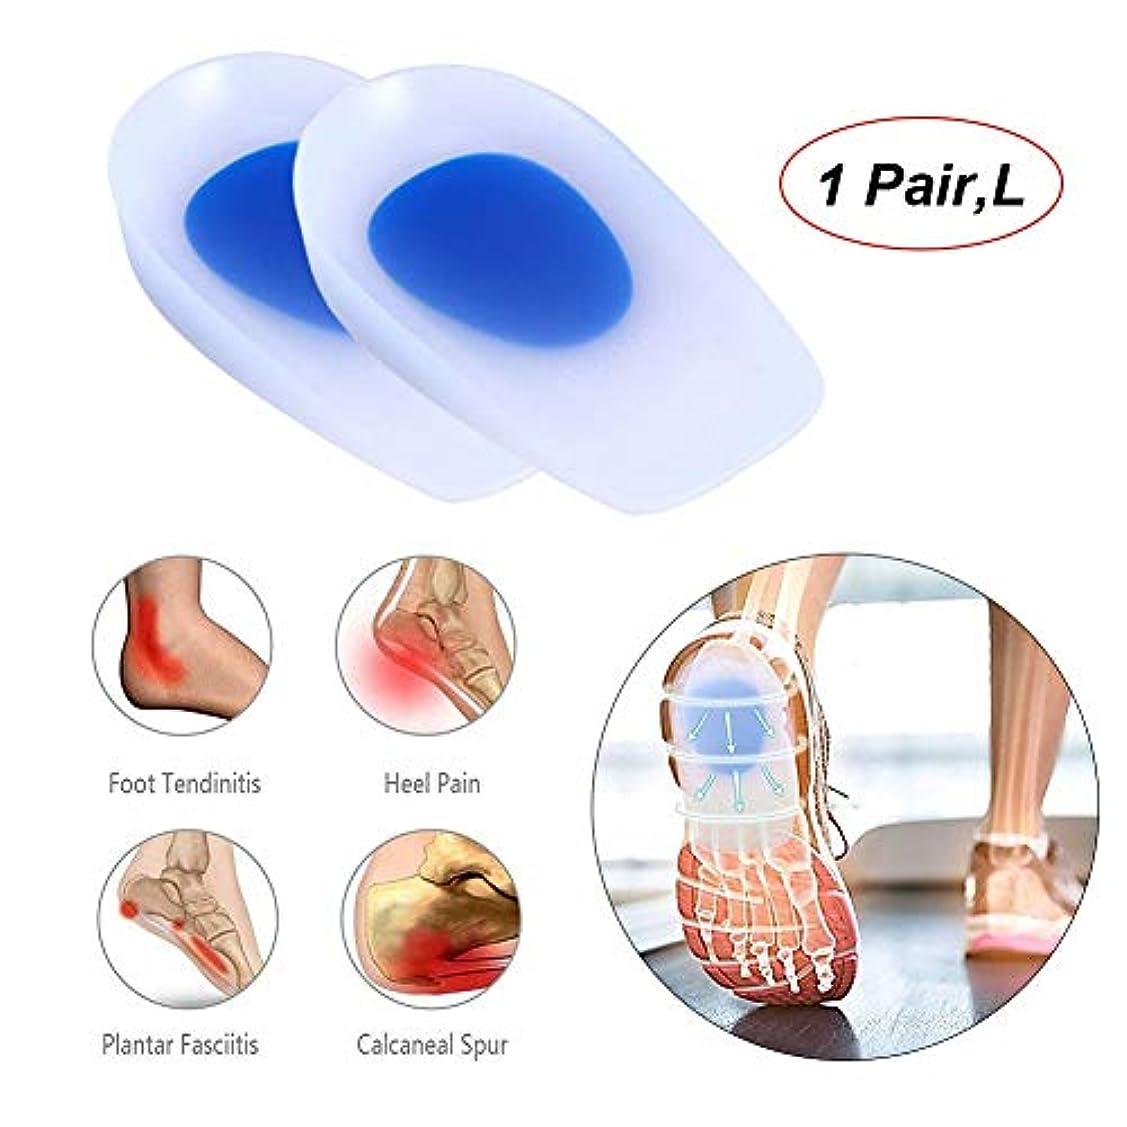 より平らなズームインするおとうさん足底筋膜炎インサート、ヒールカップ、ヒールヒールパッドに最適なジェルヒールパッドクッション、アキレス腱炎、男性と女性用、1ペアL